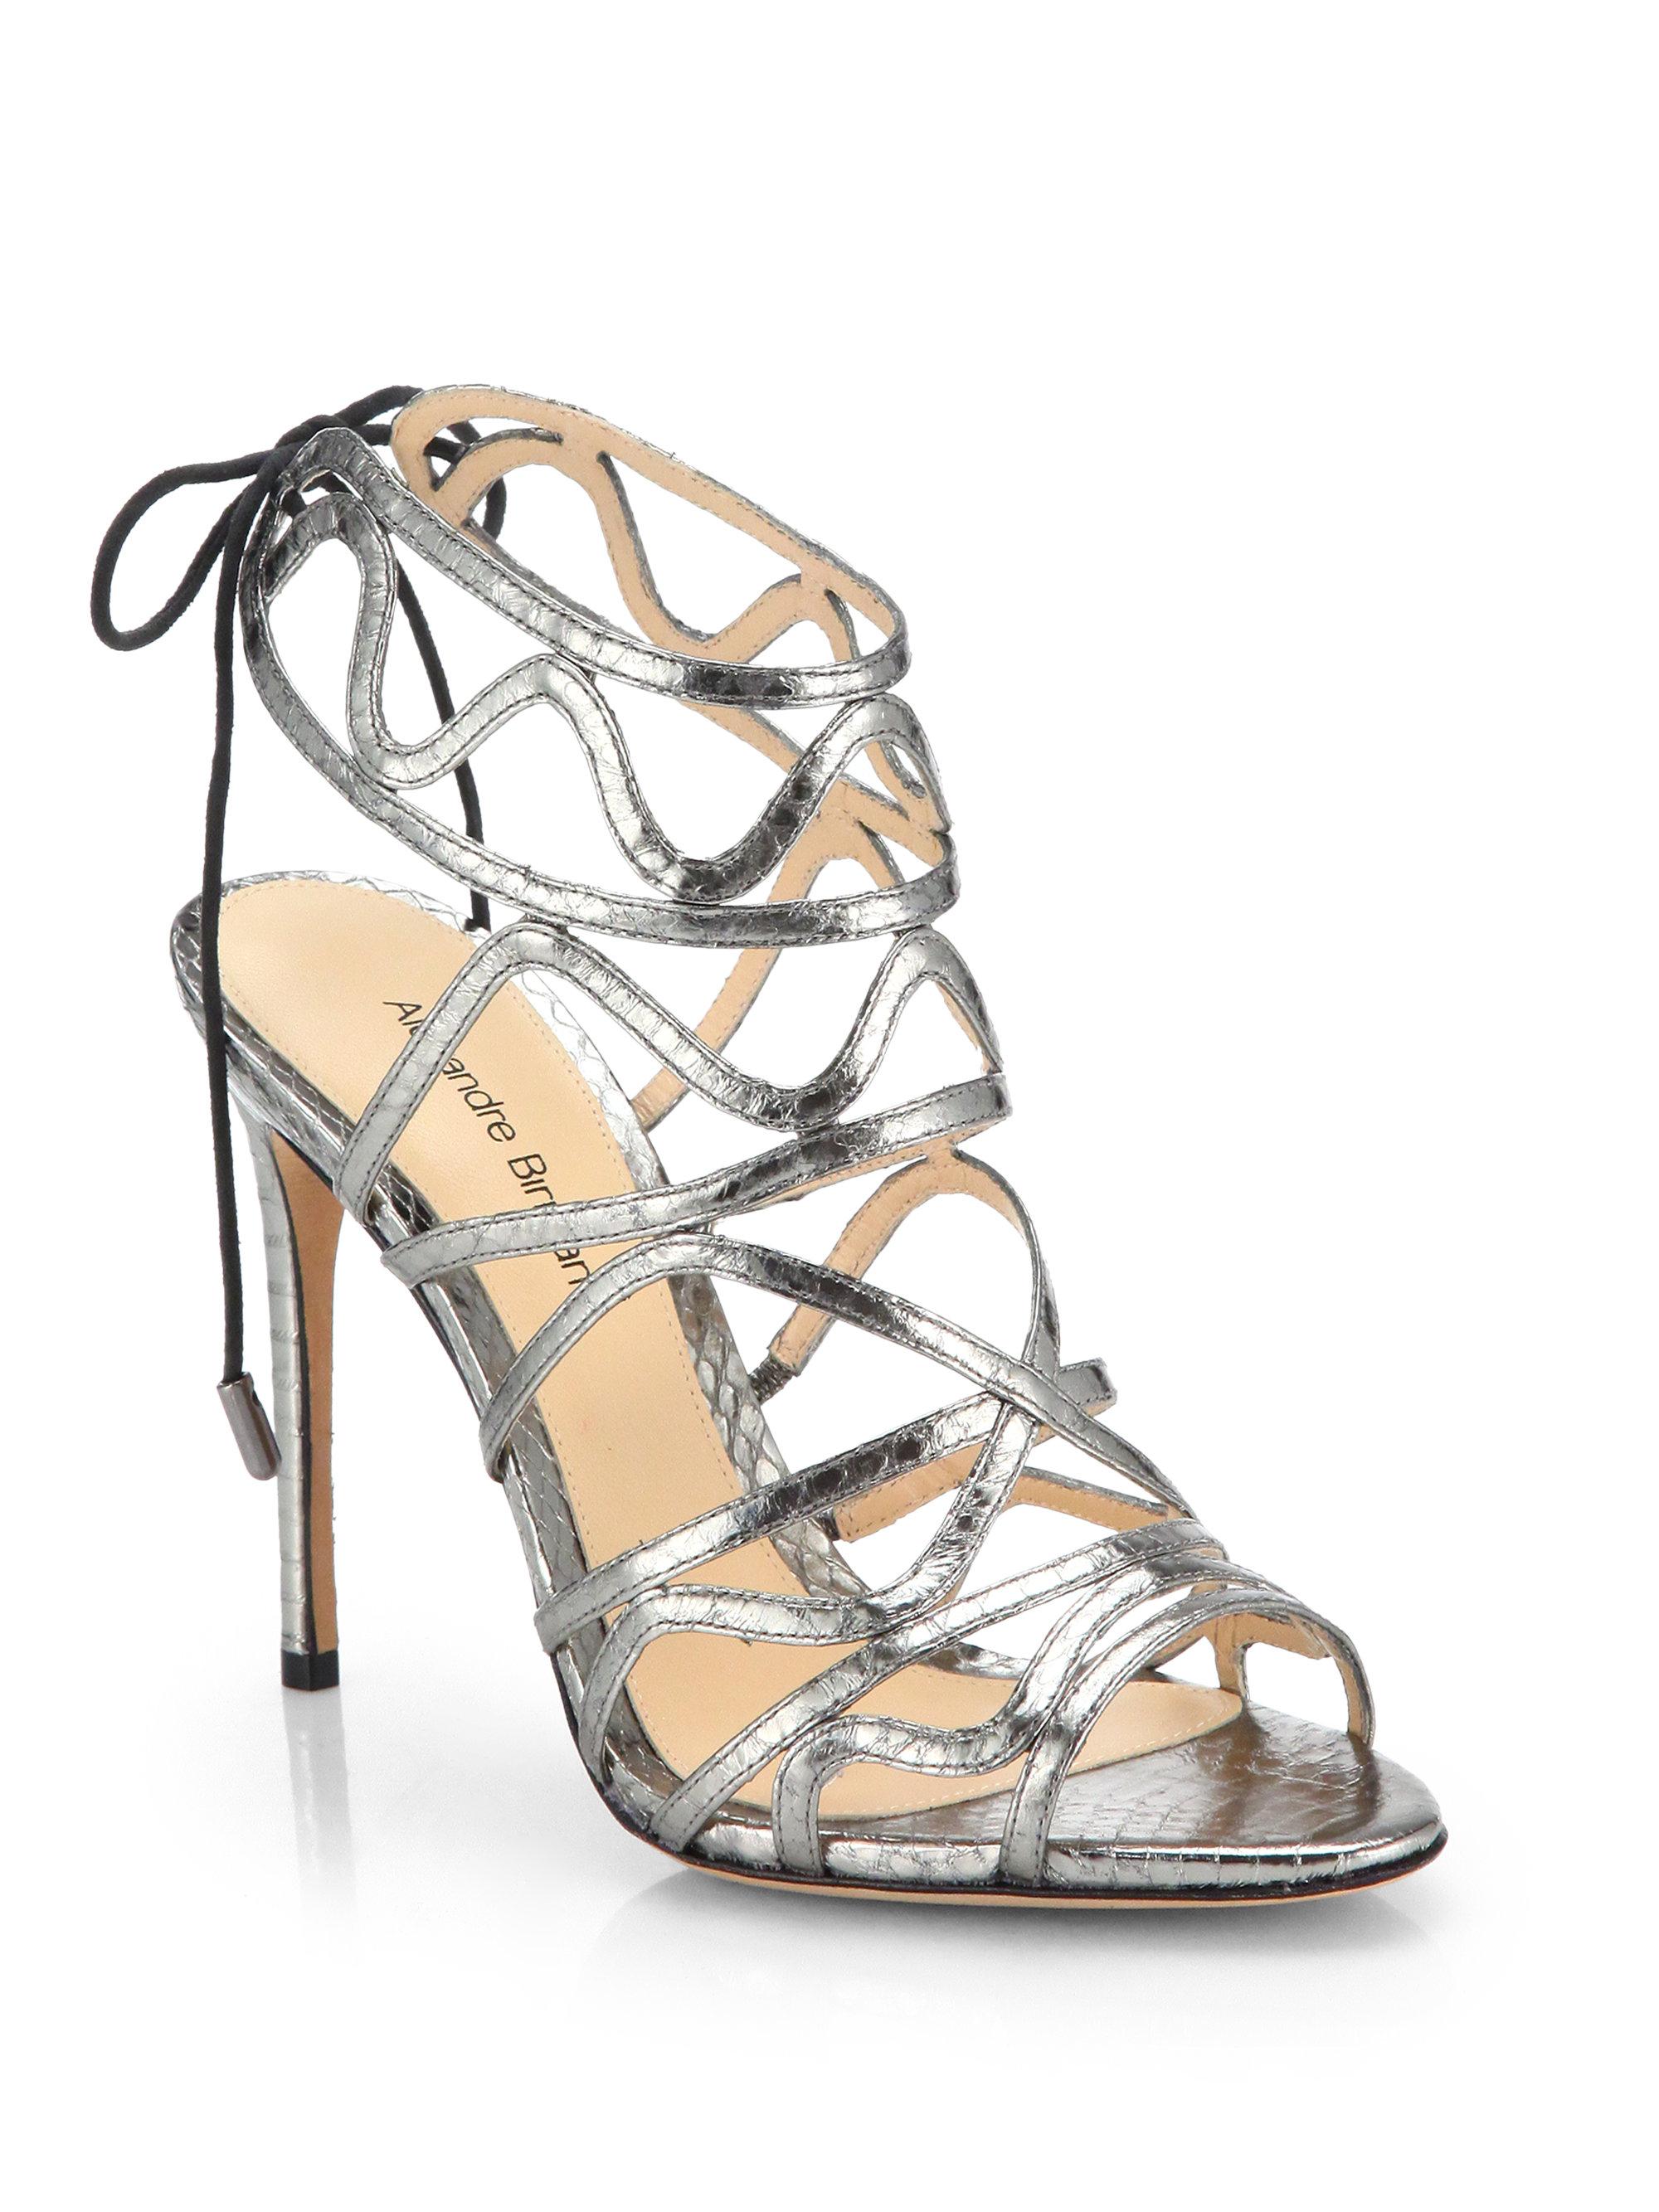 Silver Caged Heels | Tsaa Heel